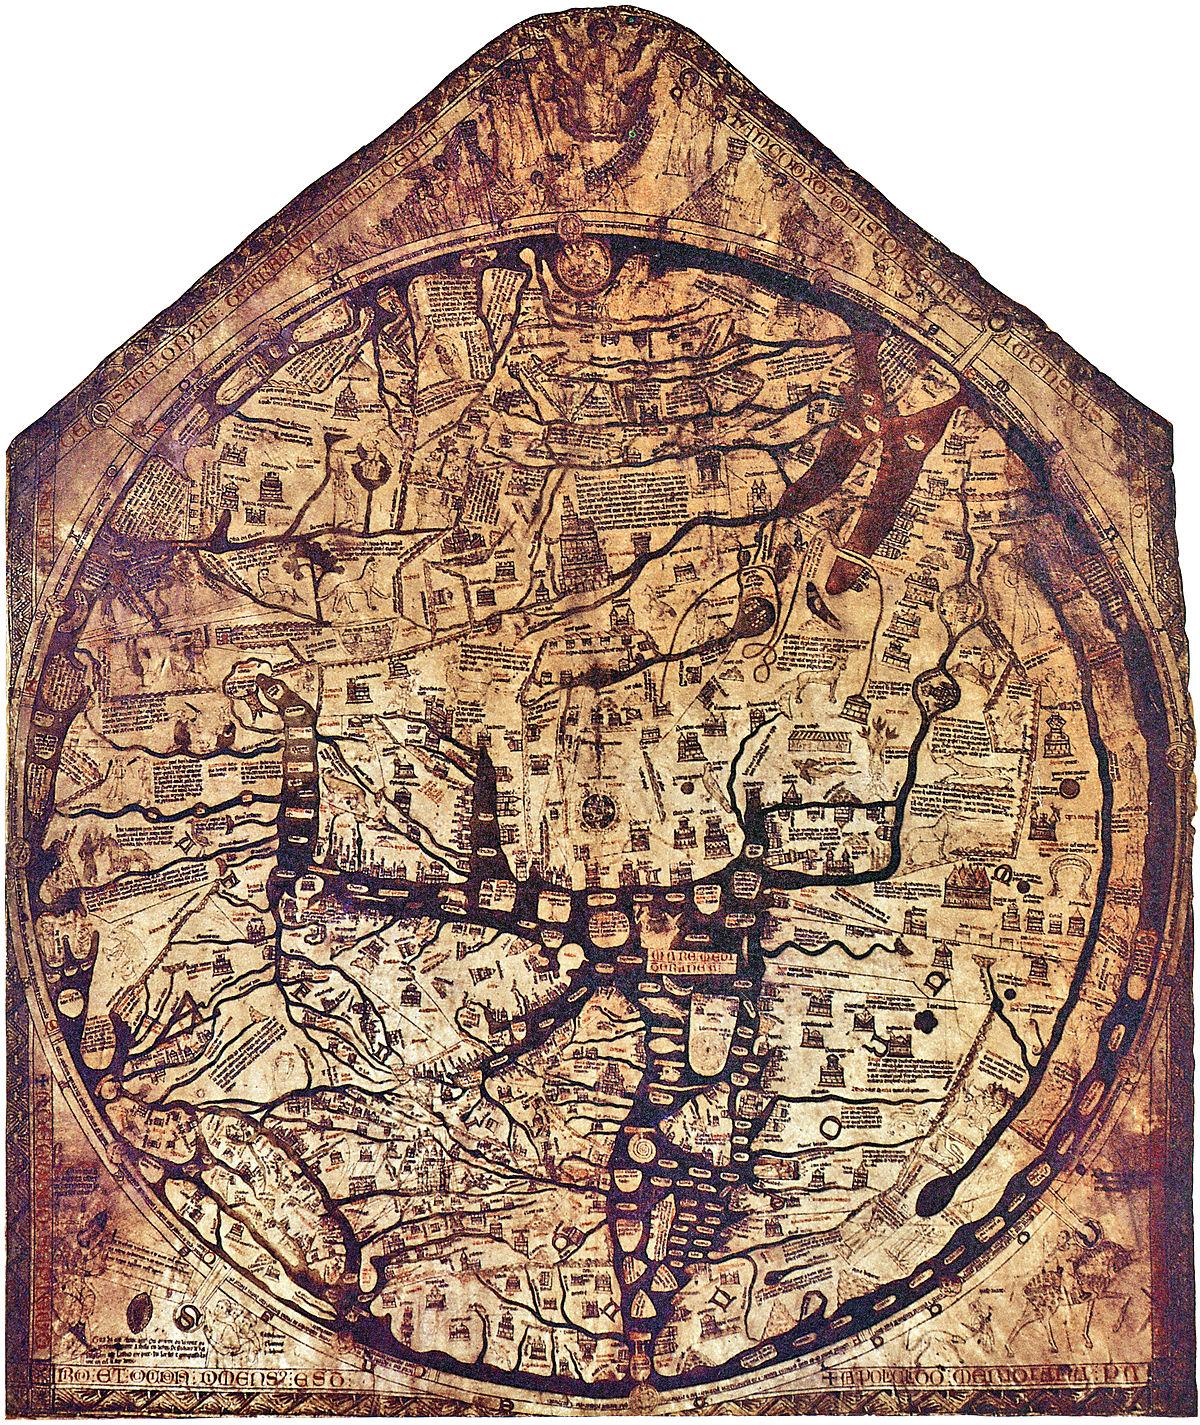 Hereford_Mappa_Mundi.jpg